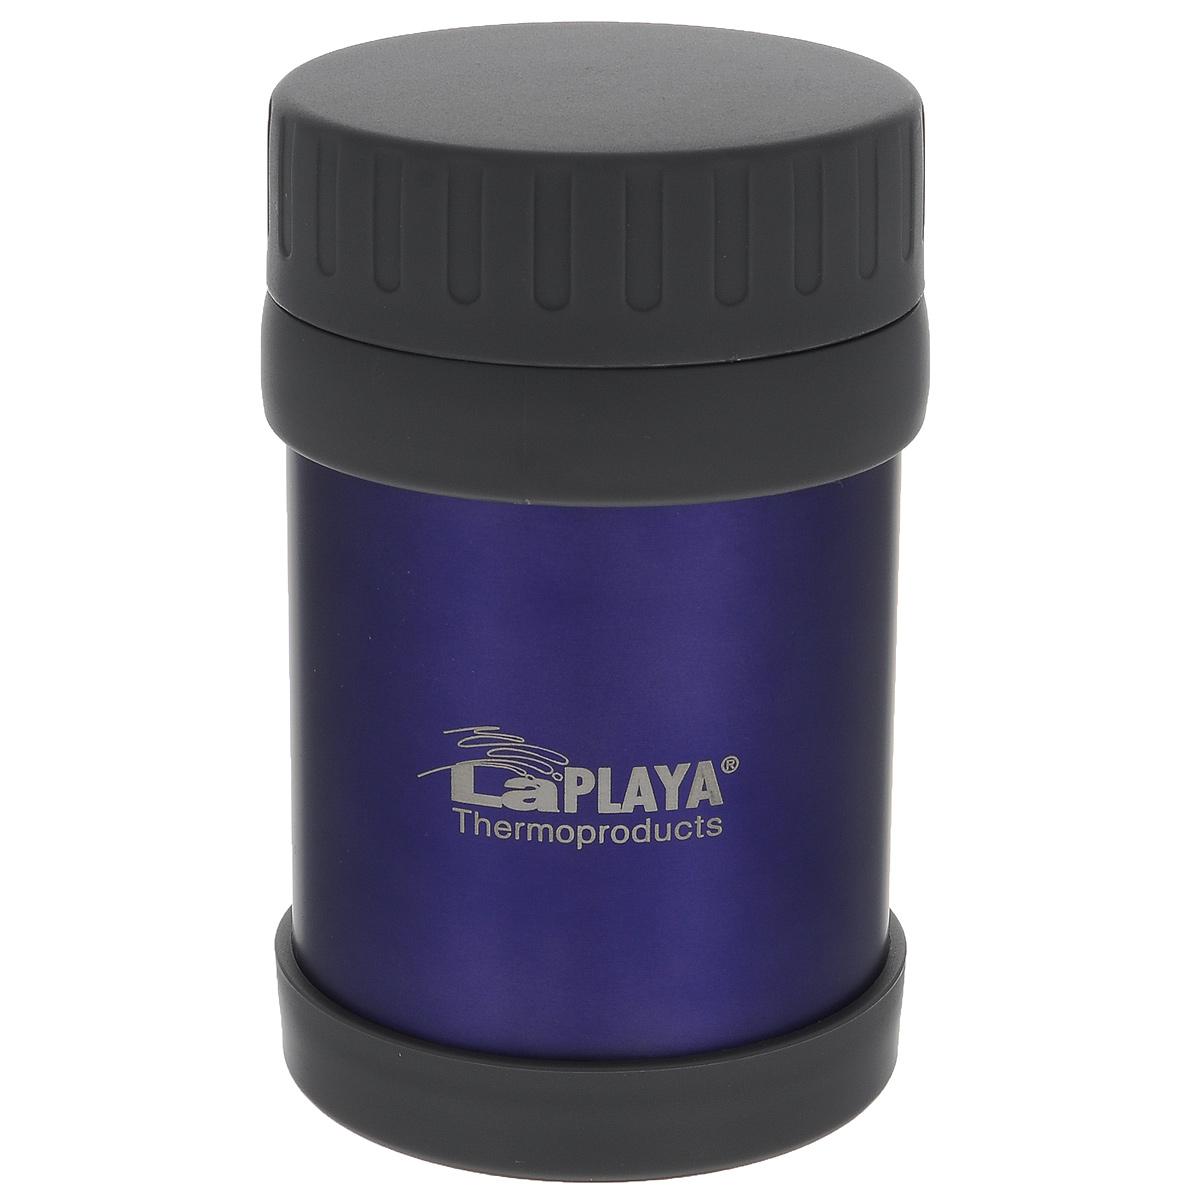 Фото - Термос LaPlaya JMG, цвет: фиолетовый, 350 мл термос для еды 0 5 л laplaya food jmg 560031